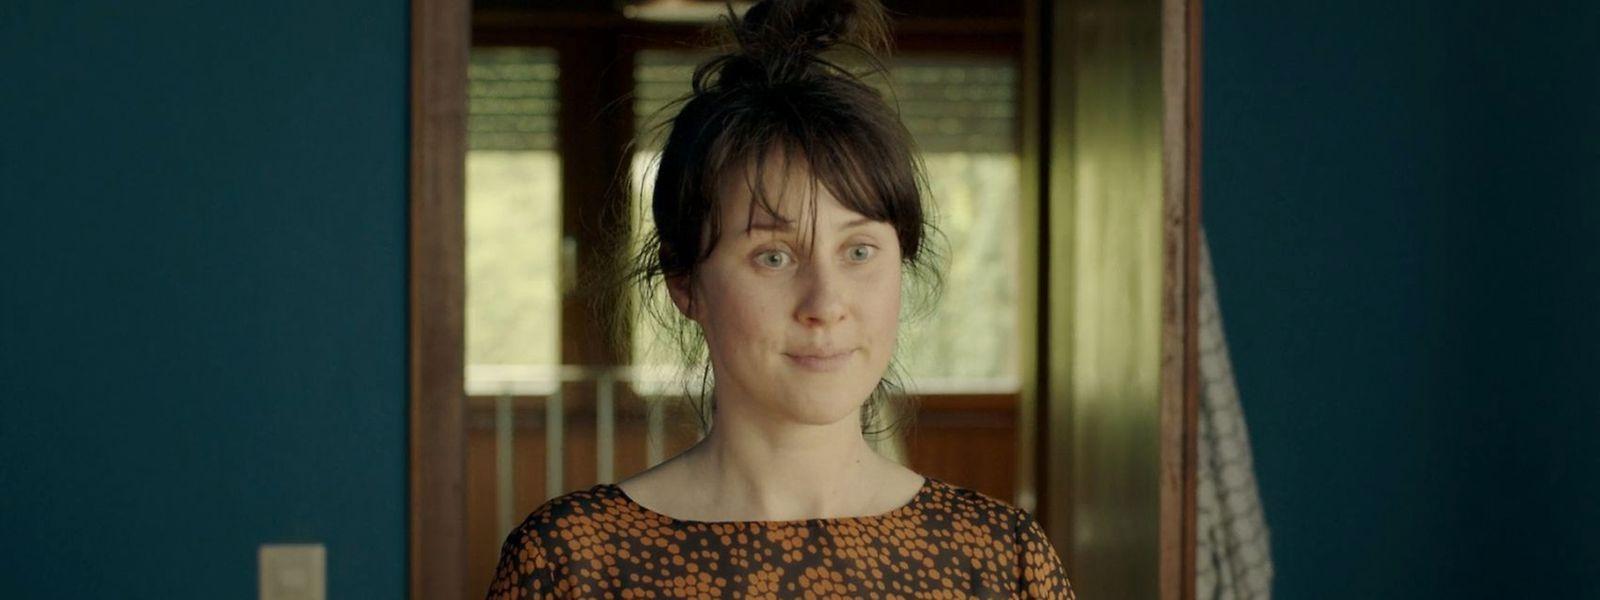 Anette (Marlene Morreis) versucht sich nicht anmerken zu lassen, dass sie vom Verhalten ihres Freundes schockiert ist.